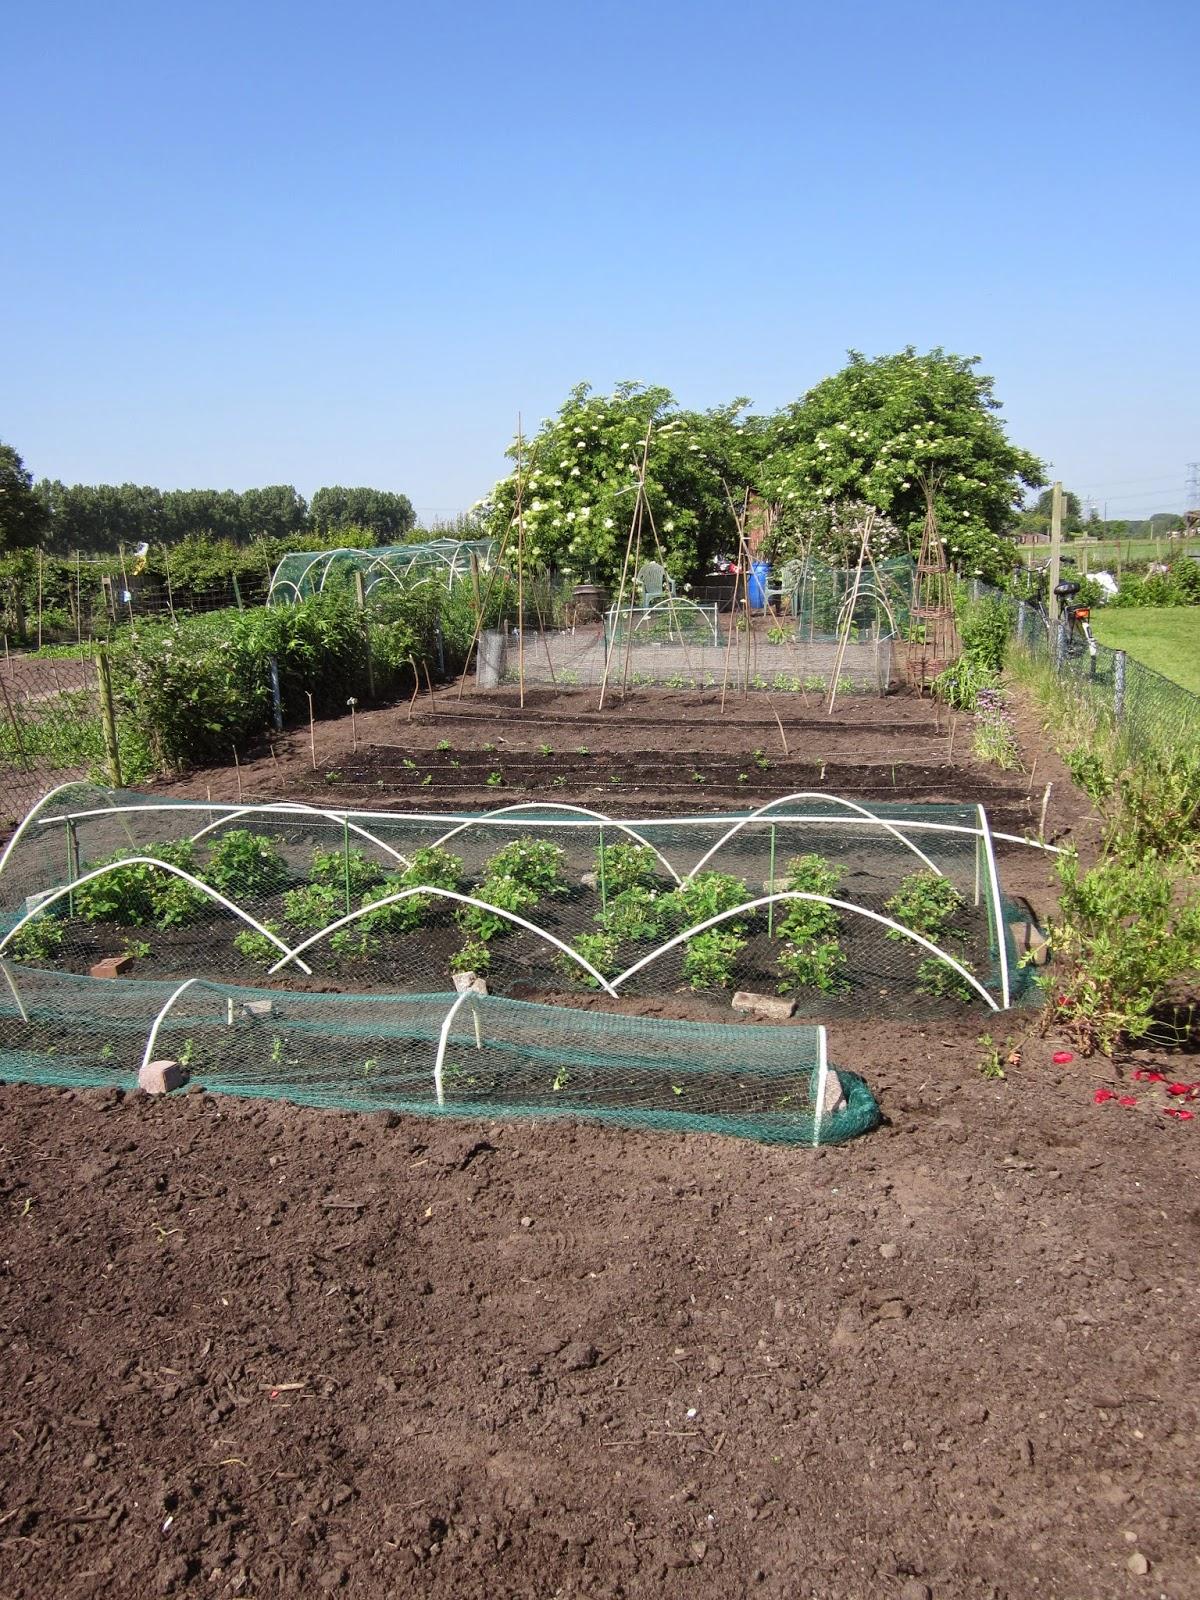 Huis tuin en keuken: m: moestuin, voor en na